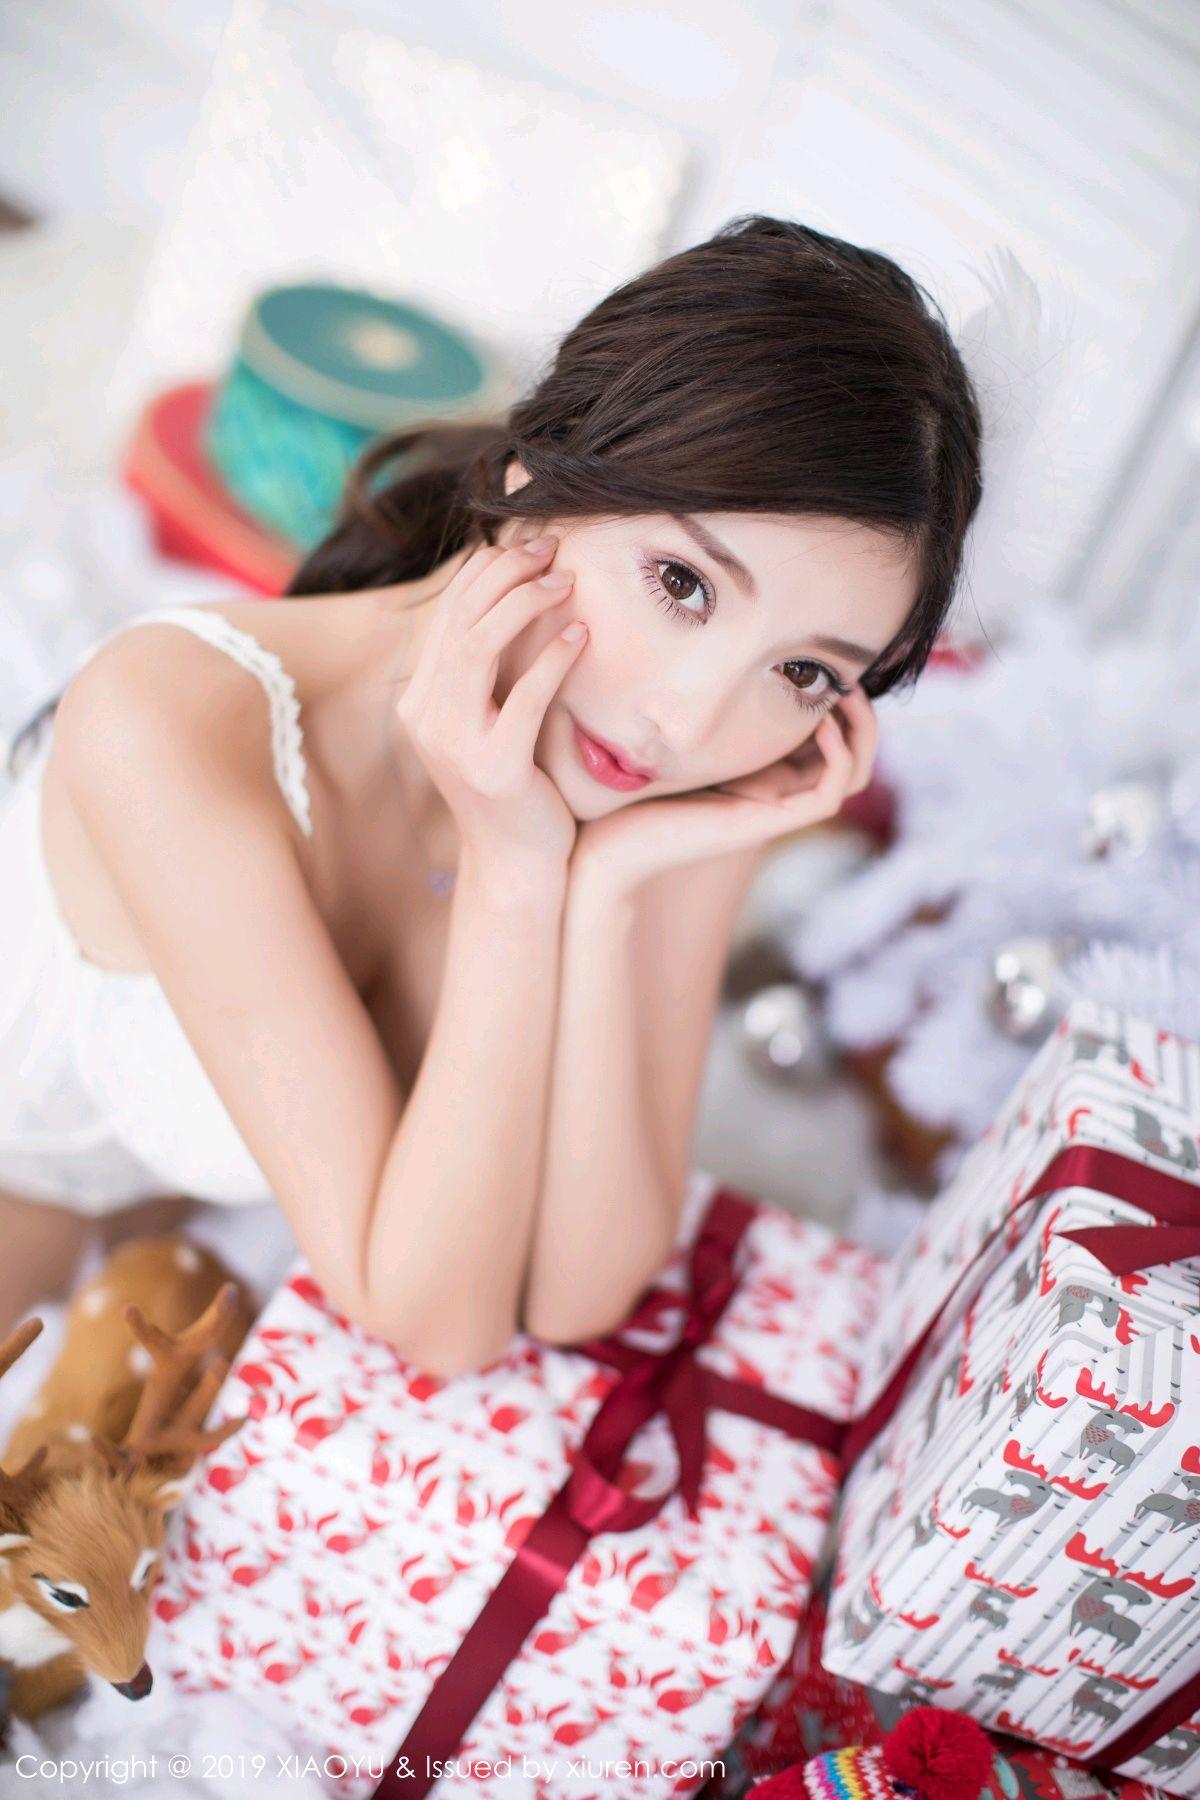 [XiaoYu] Vol.059 Christmas Theme 24P, Christmas, Underwear, XiaoYu, Yang Chen Chen